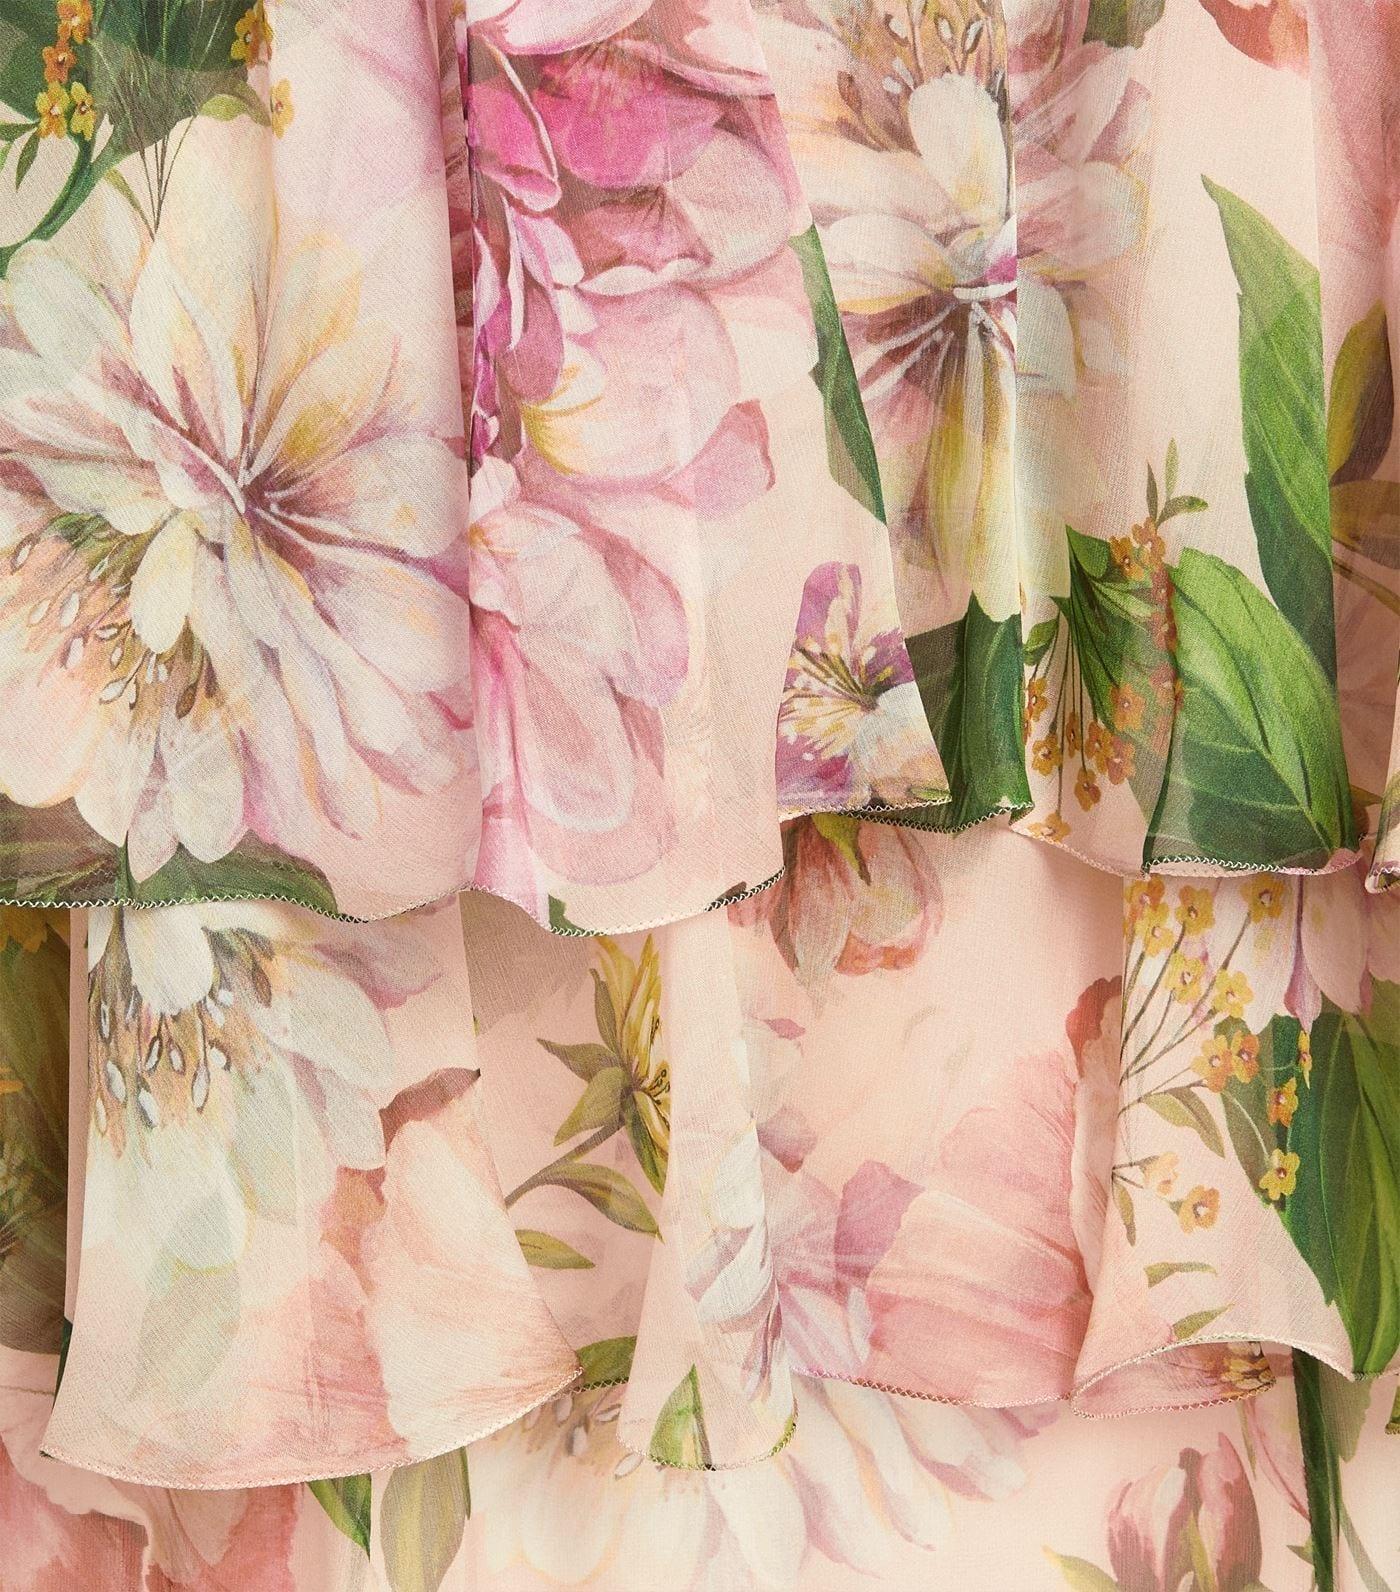 DOLCE & GABBANA Silk Floral Print Layered Maxi Dress